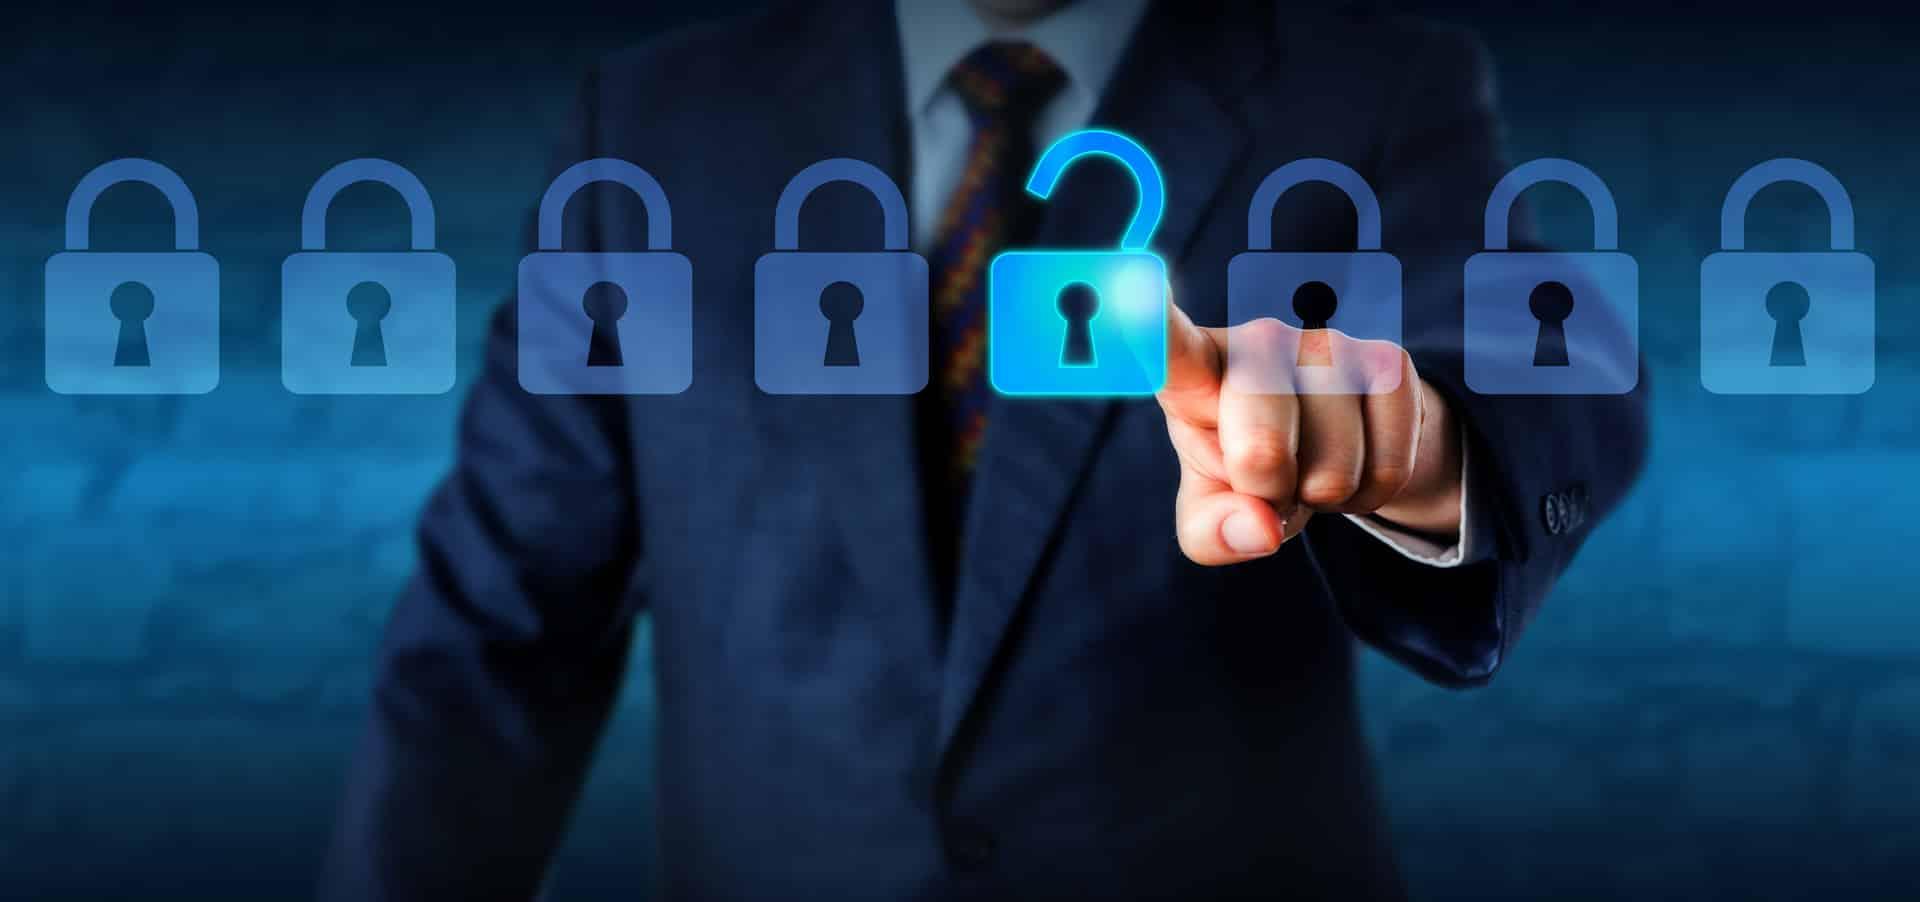 Encryption: AES